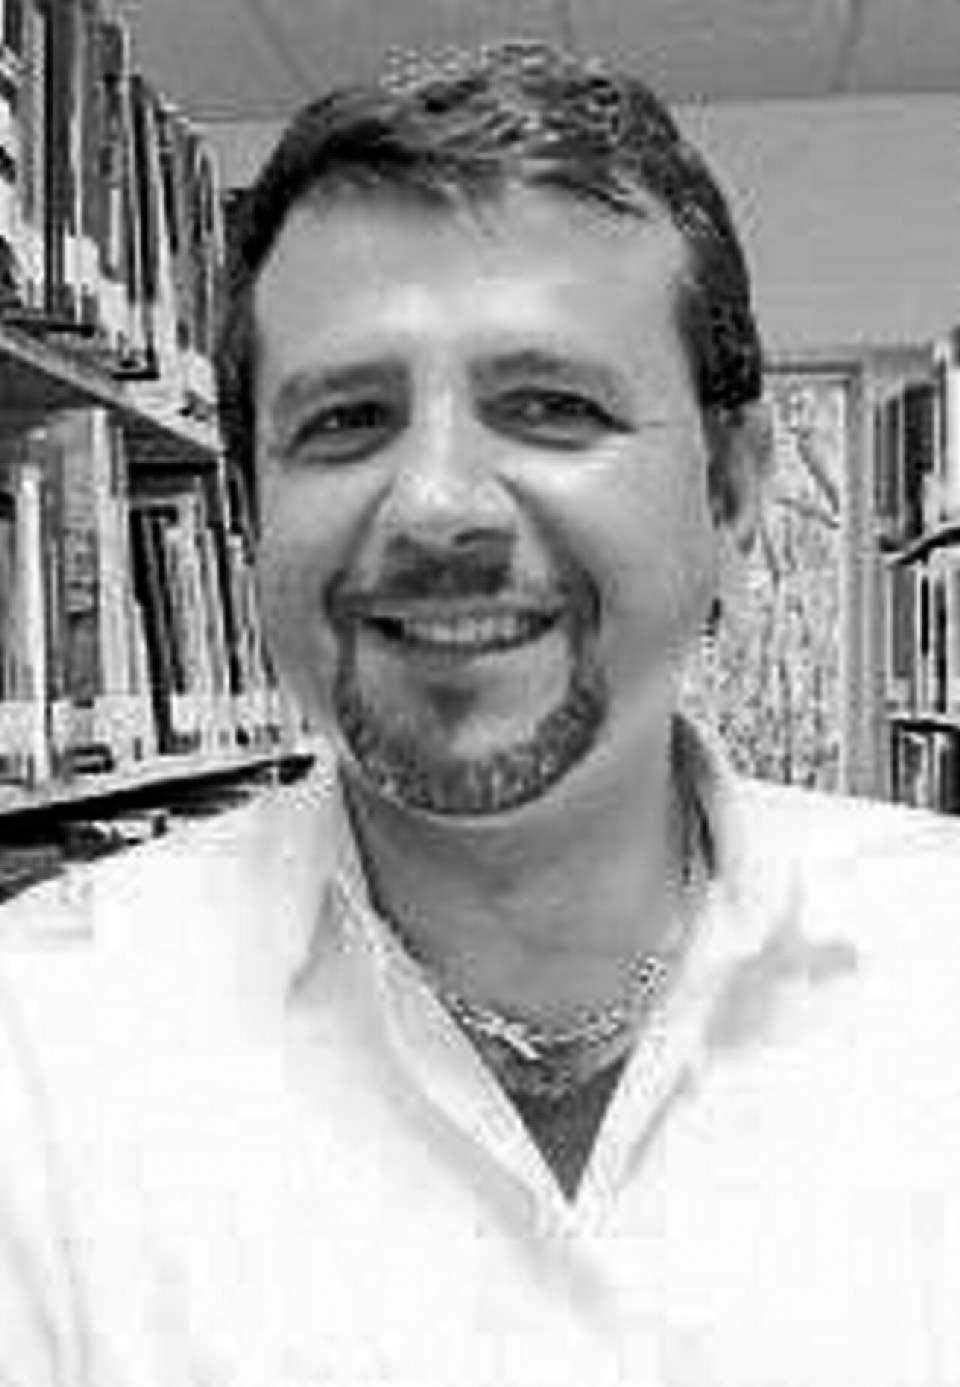 El perfil silencioso de Uniminuto Por: Hugo Noel Santander Ferreira | EL FRENTE